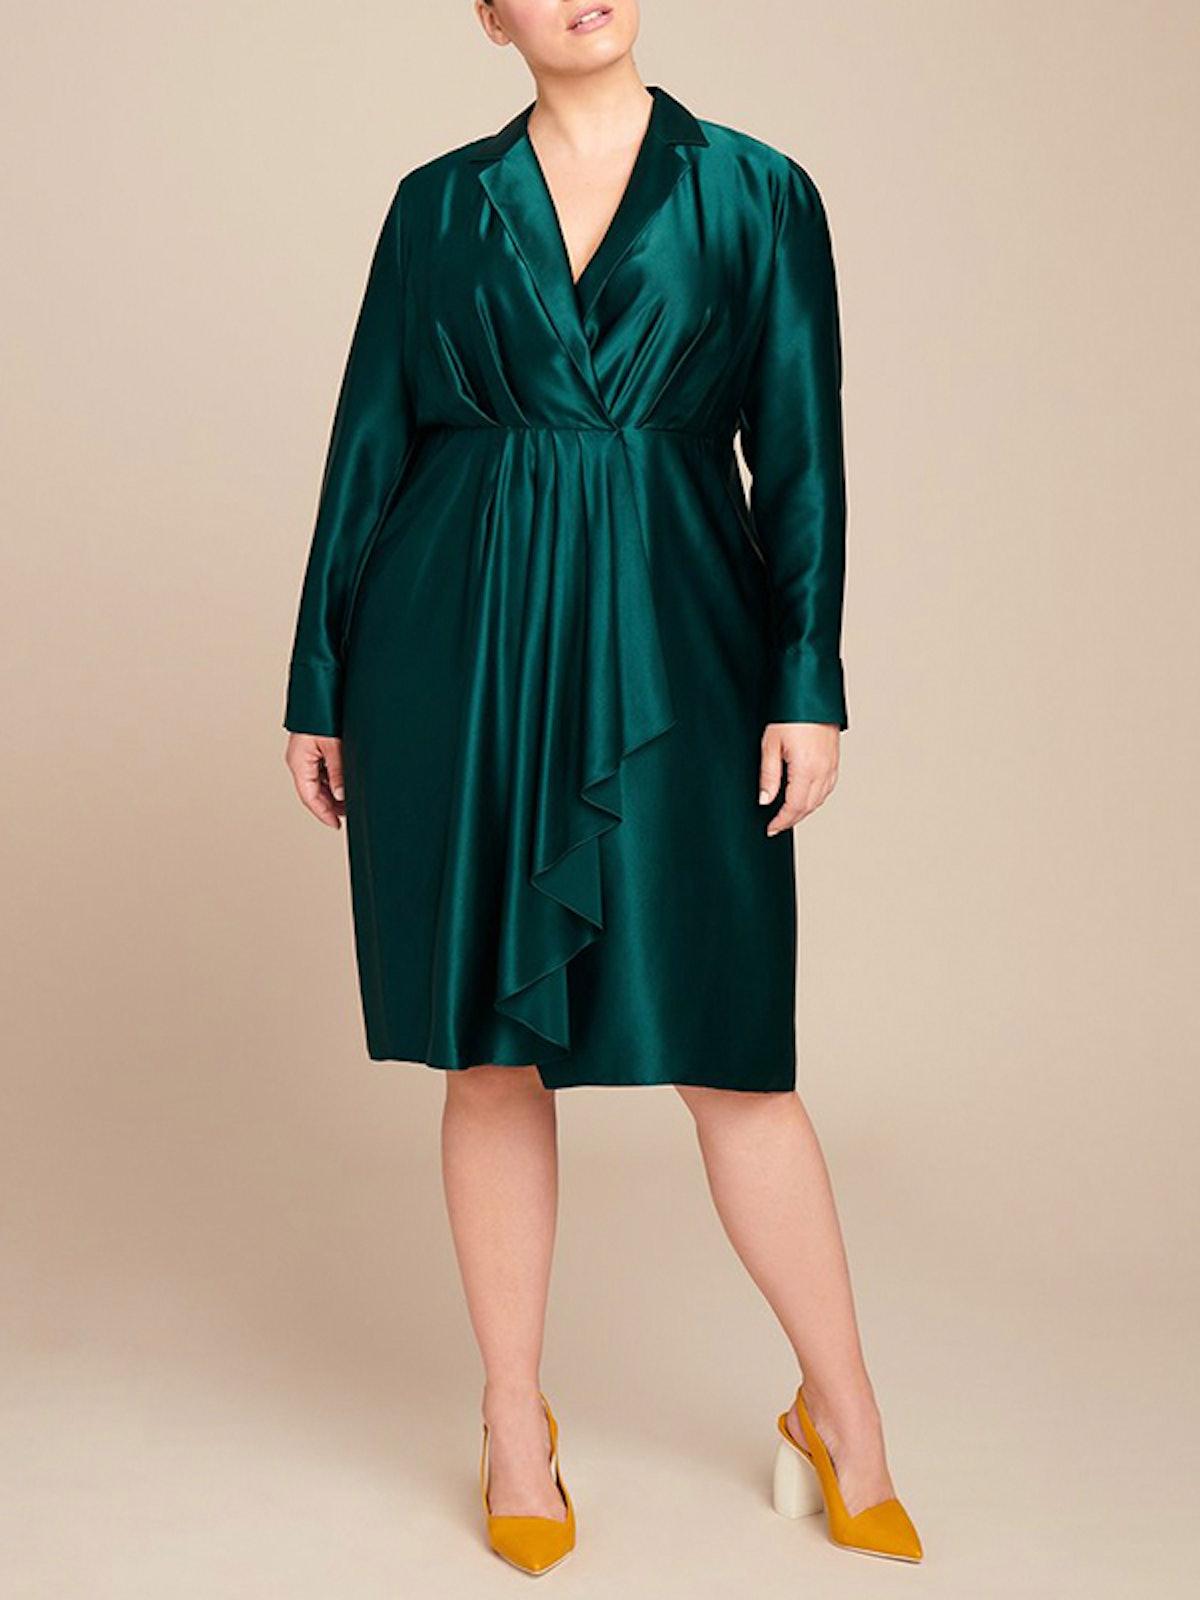 Silk Charmeuse Collar Day Dress